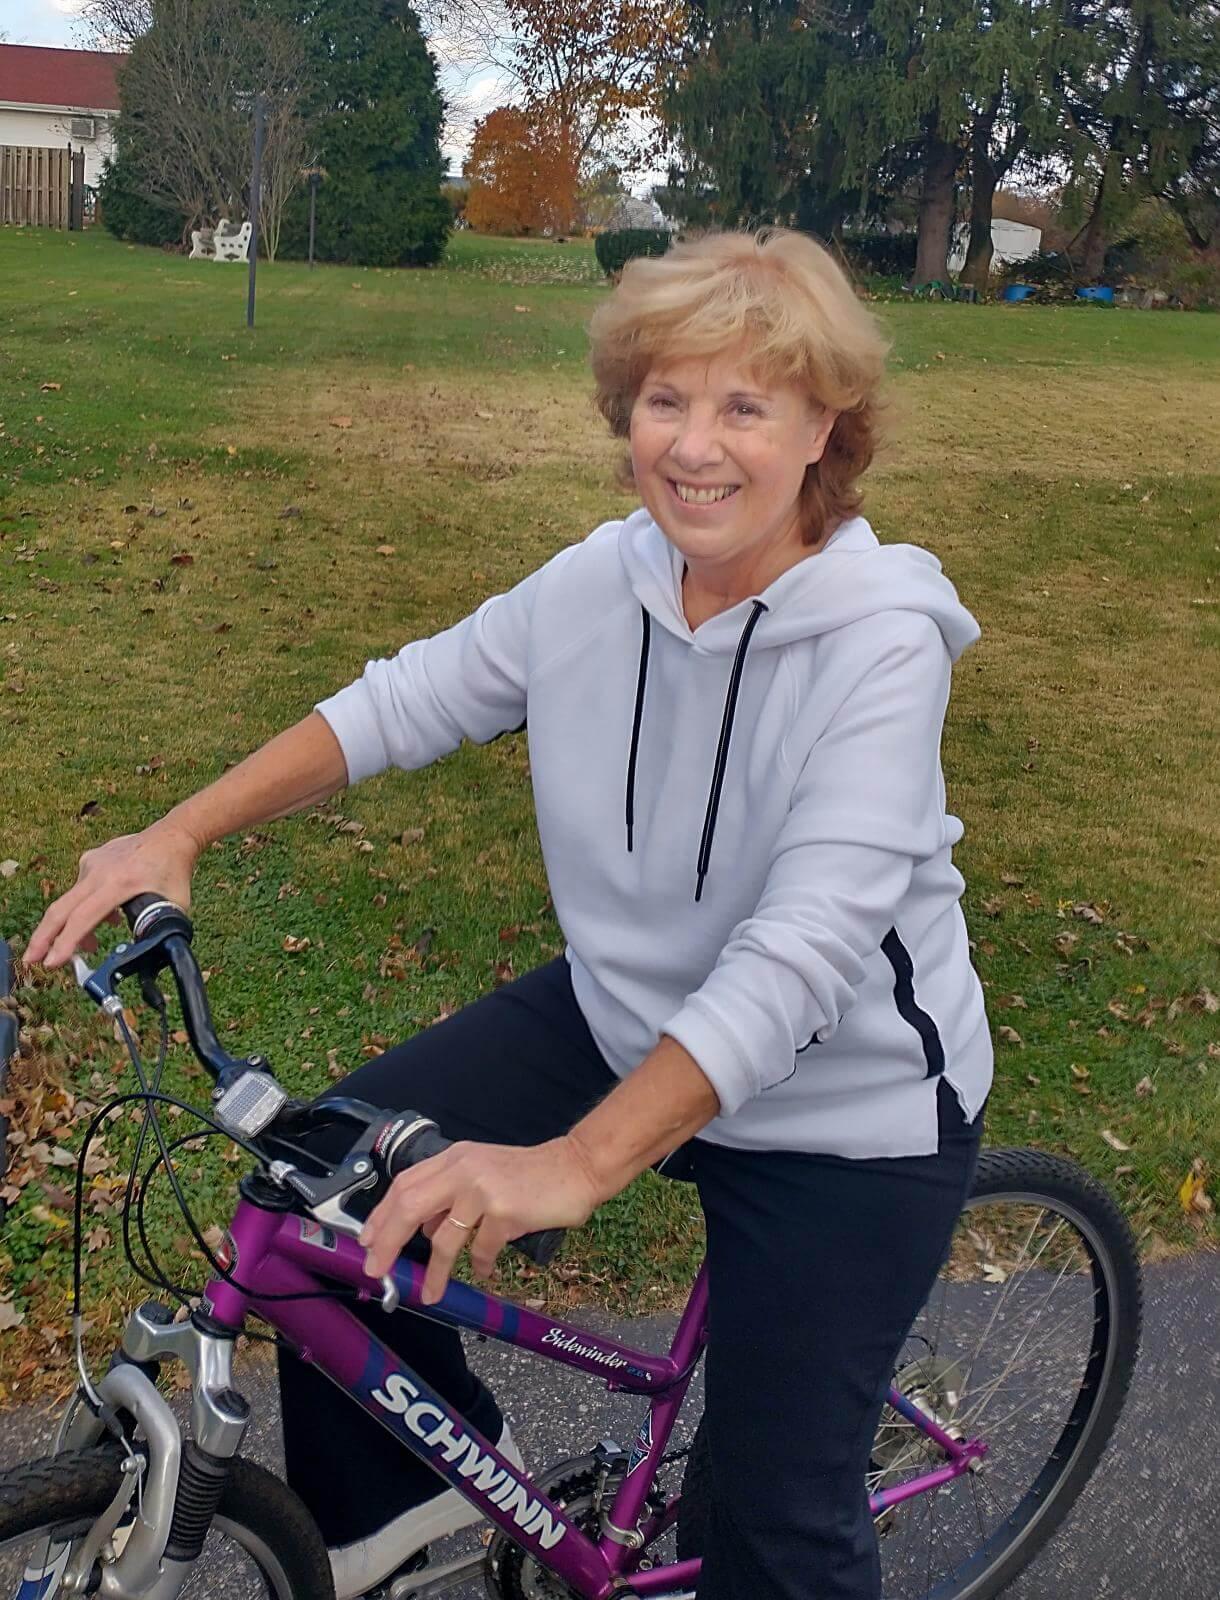 Marianne On Bike